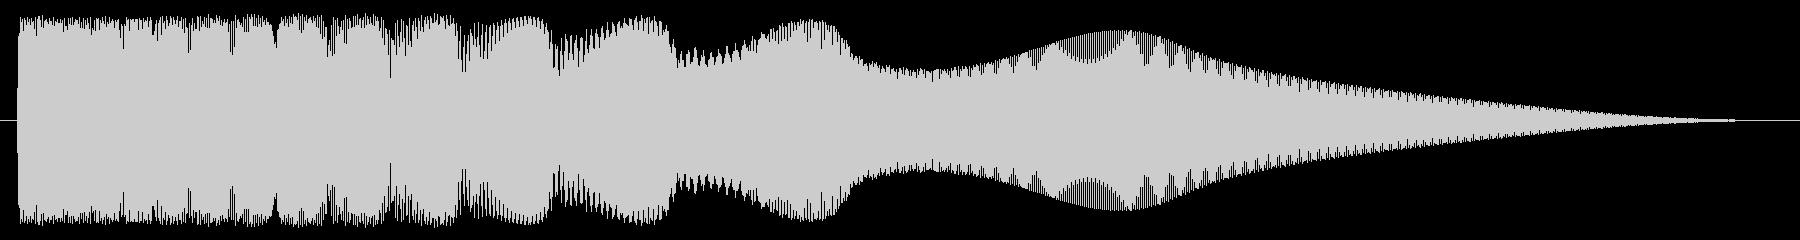 (ブーン)機械のパワーダウン 02の未再生の波形